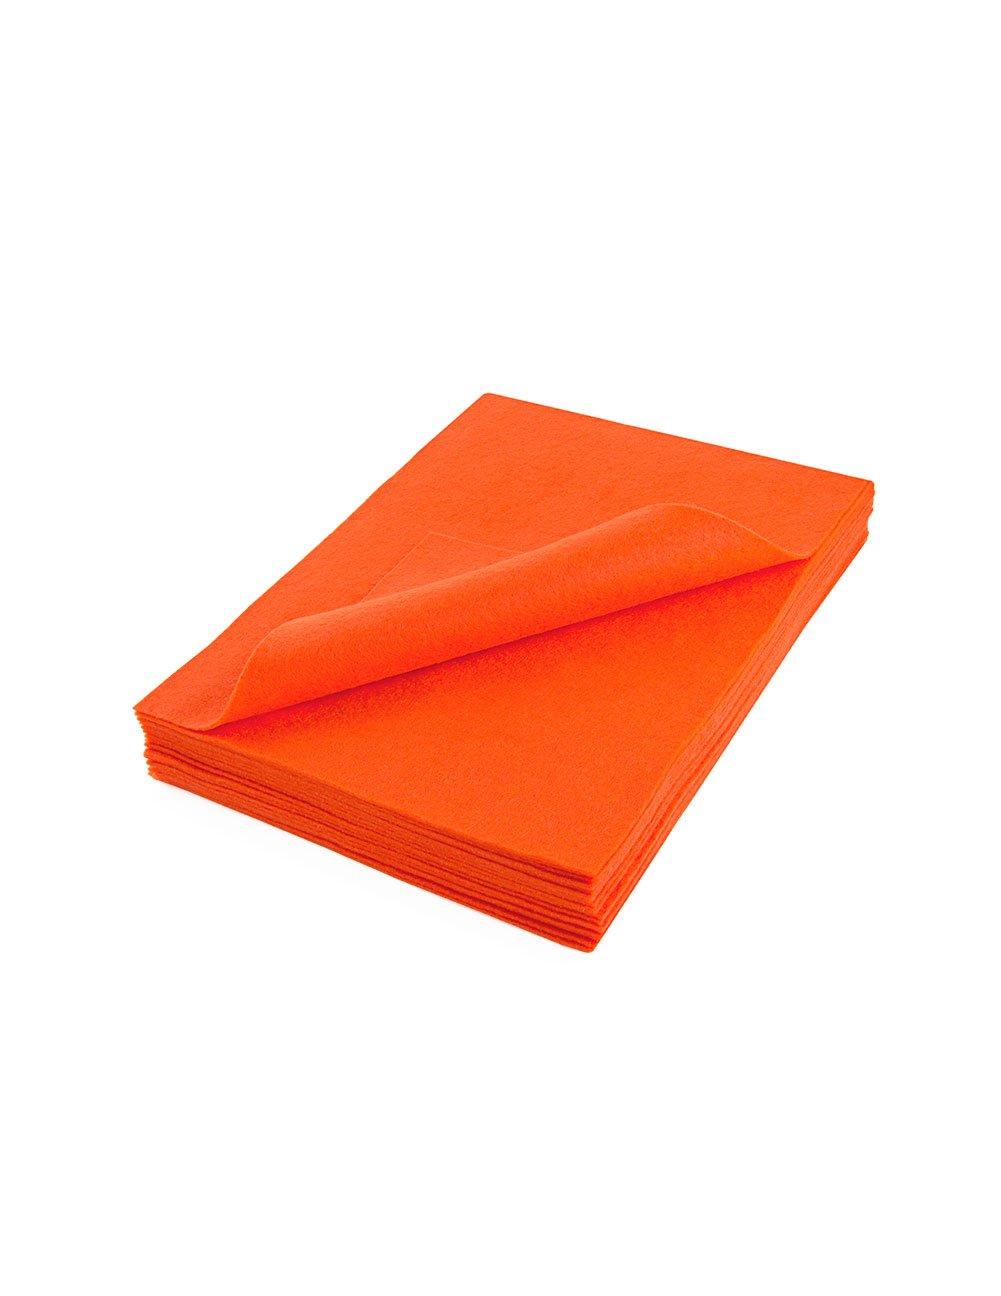 アクリル製フェルトシート 9 X 12インチ: 25個 オレンジ F-INVAF25PKA1031/ORANGE B004ZXXJBK オレンジ オレンジ